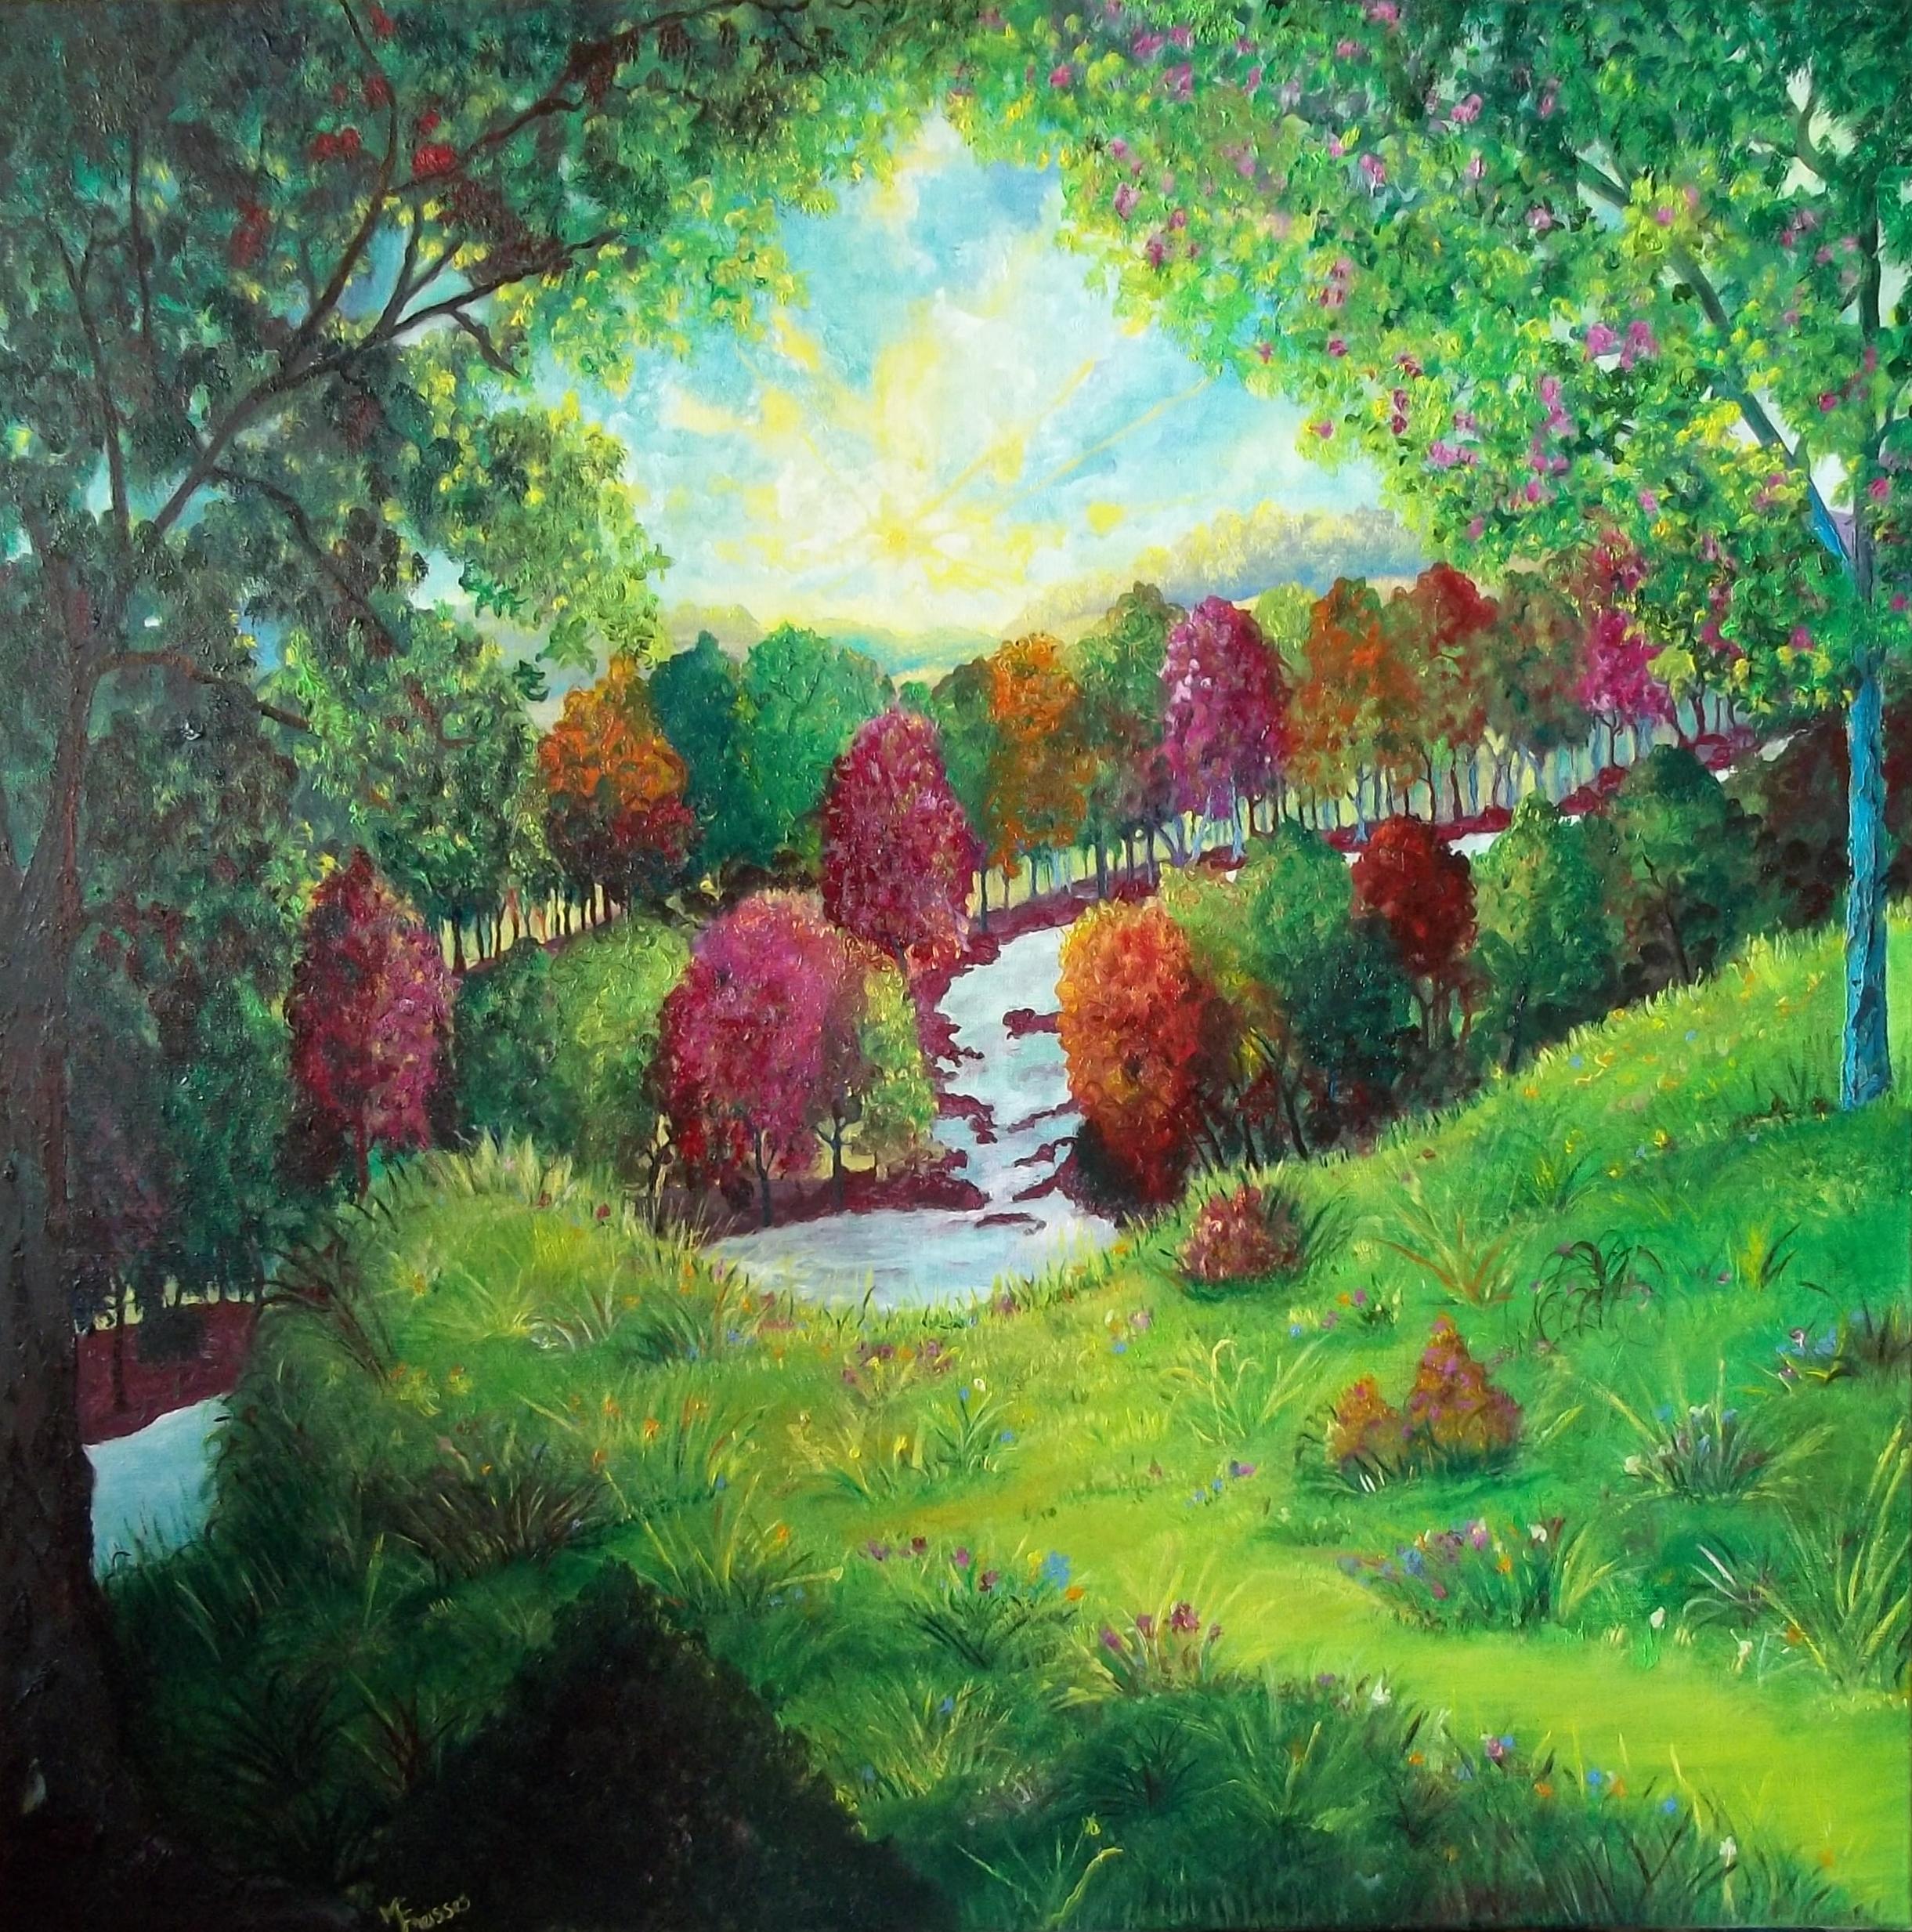 Peintre et auteur cherche un coin de nature